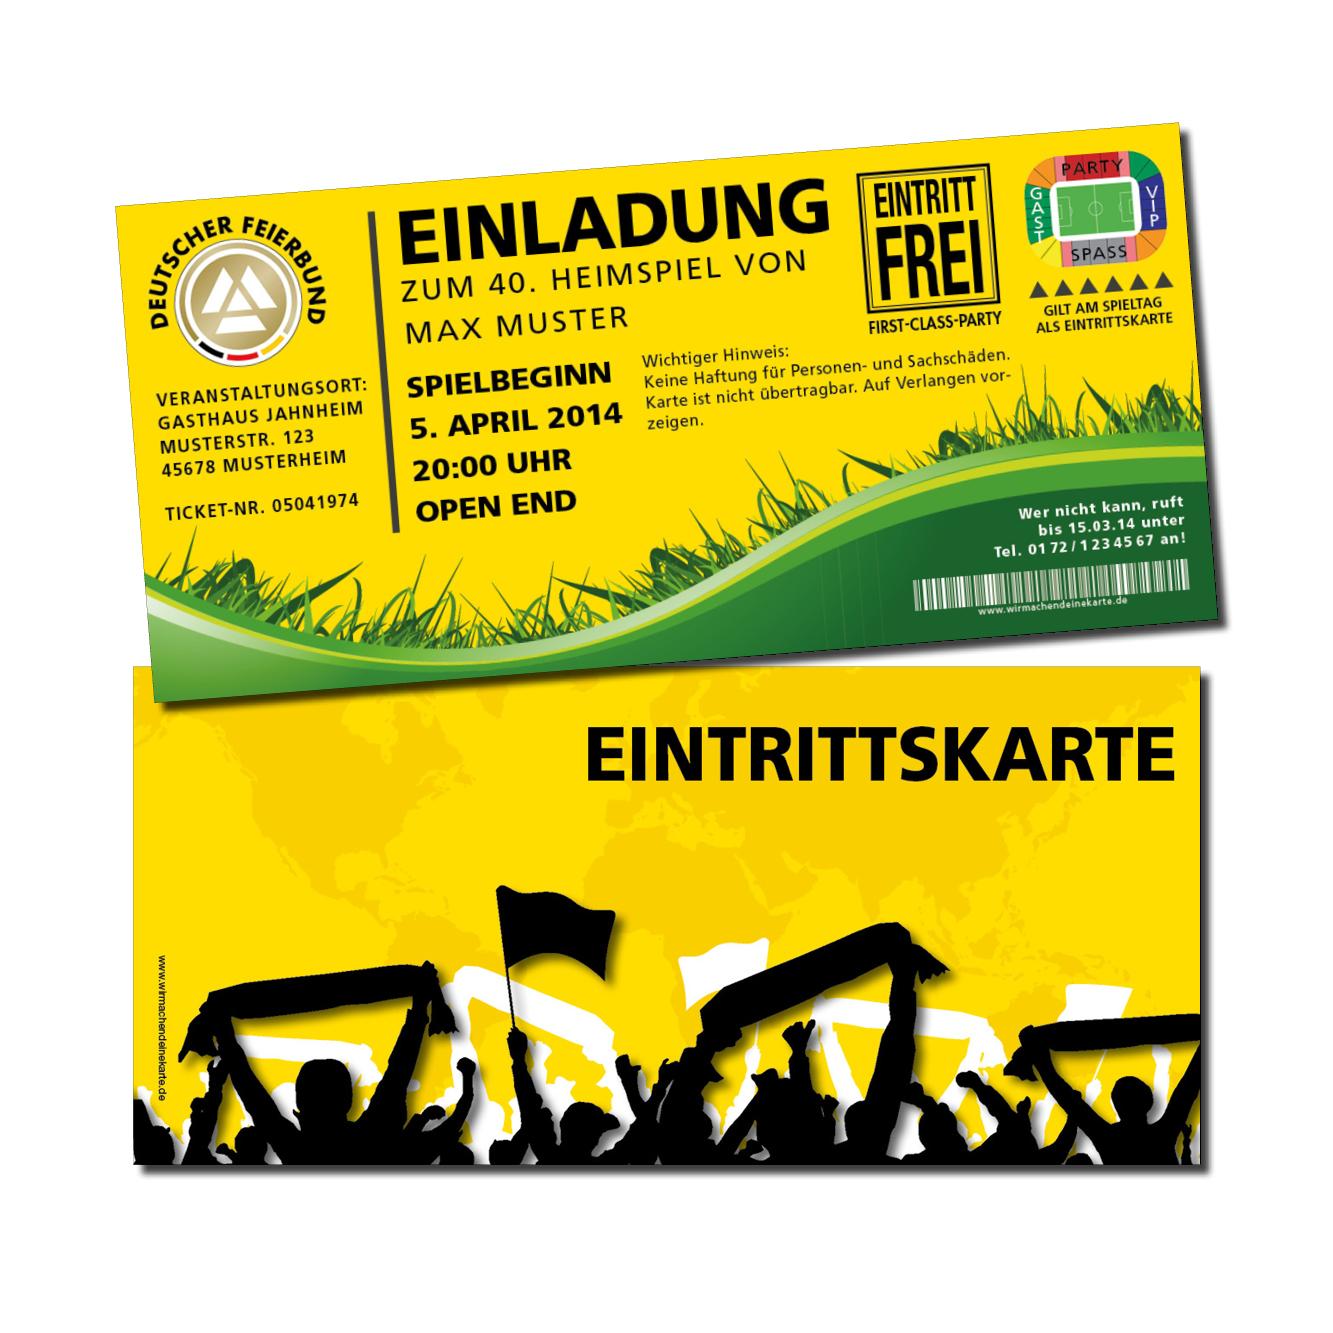 Gelbe Karte Lustig.Einladung Einladungskarte Lustig Geburtstag Fußball Stadionticket Gelb Individue